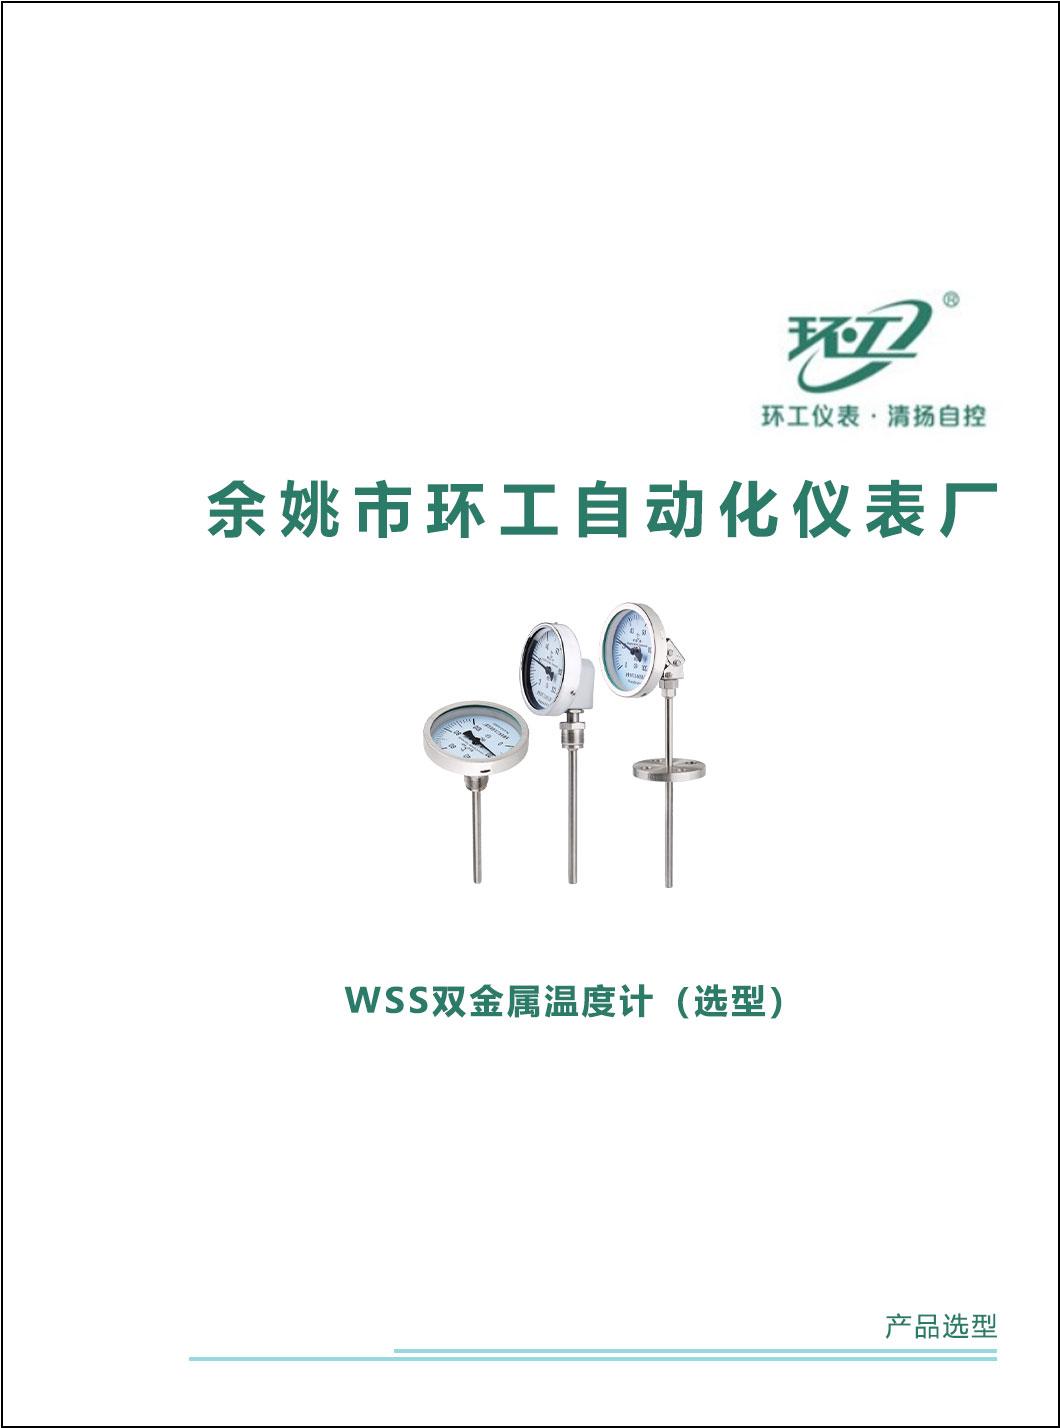 WSS双金属温度计-环工仪表-清扬自控